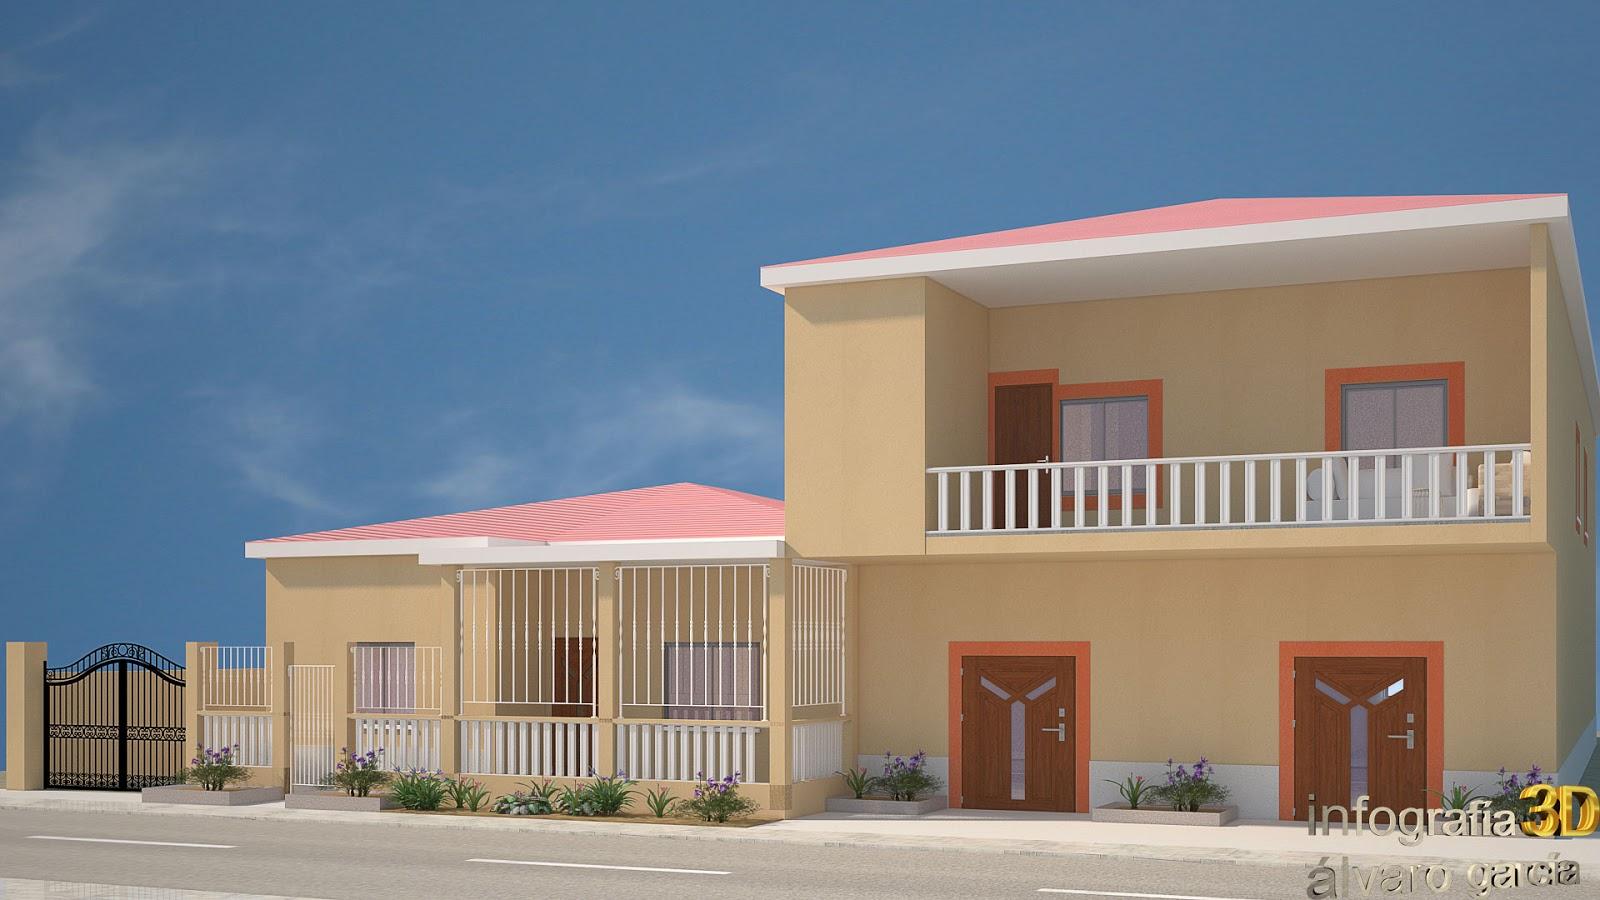 Dise o 3d interiores exteriores for Diseno de interiores 3d 7 0